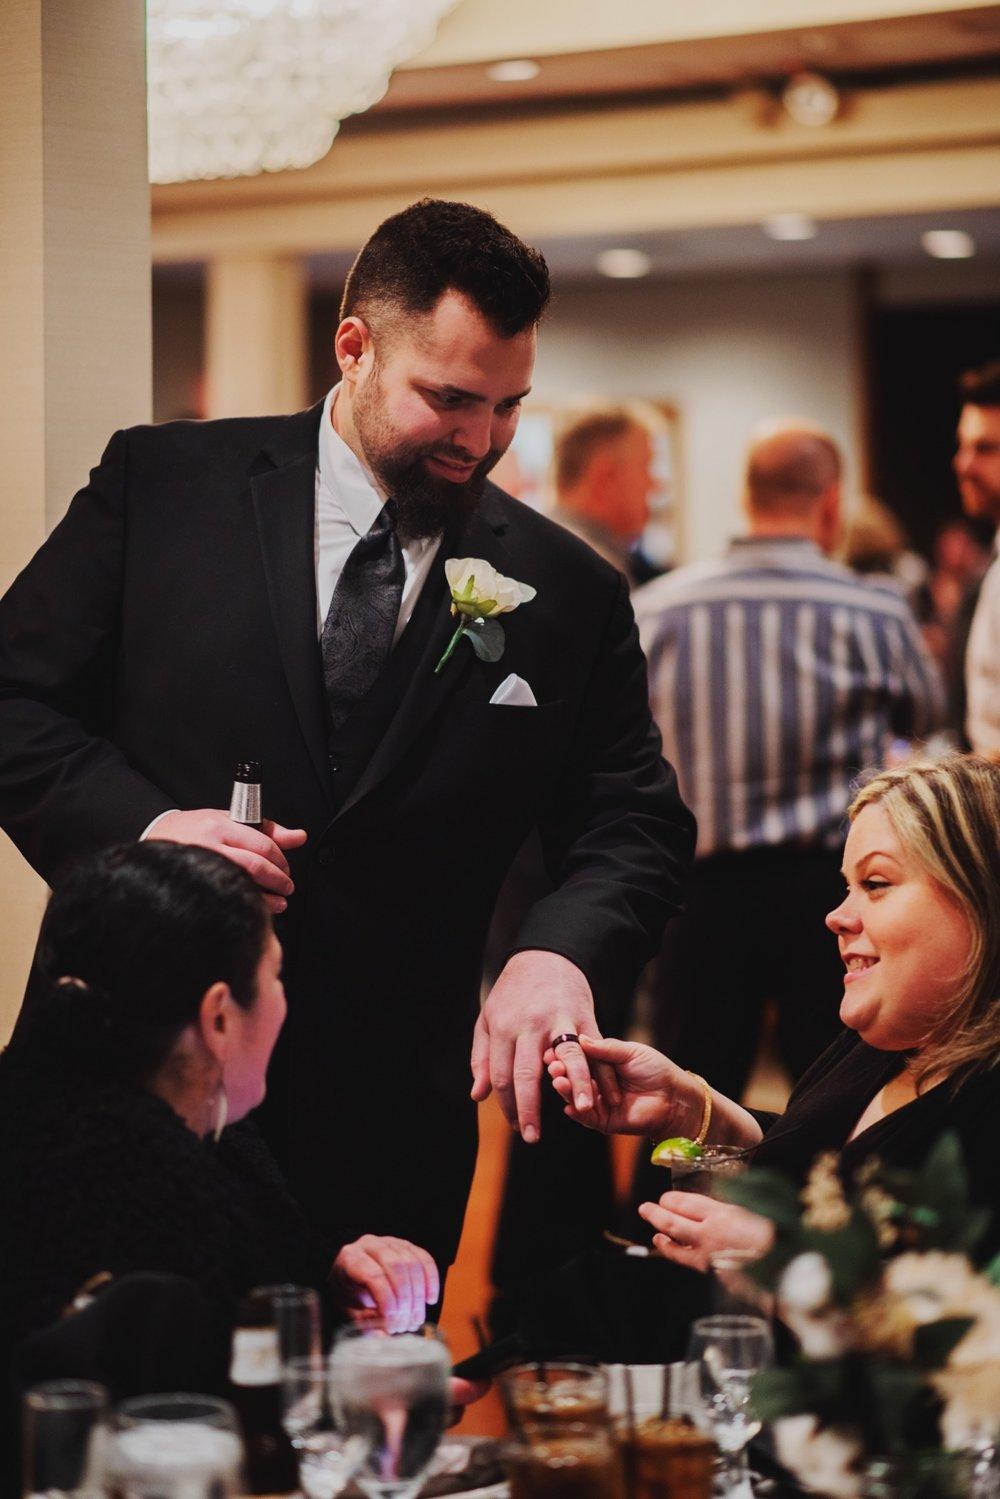 059_Peterson-Villa-Olivia-Bartlet-Wedding_0079_villaoliviawedding.jpg